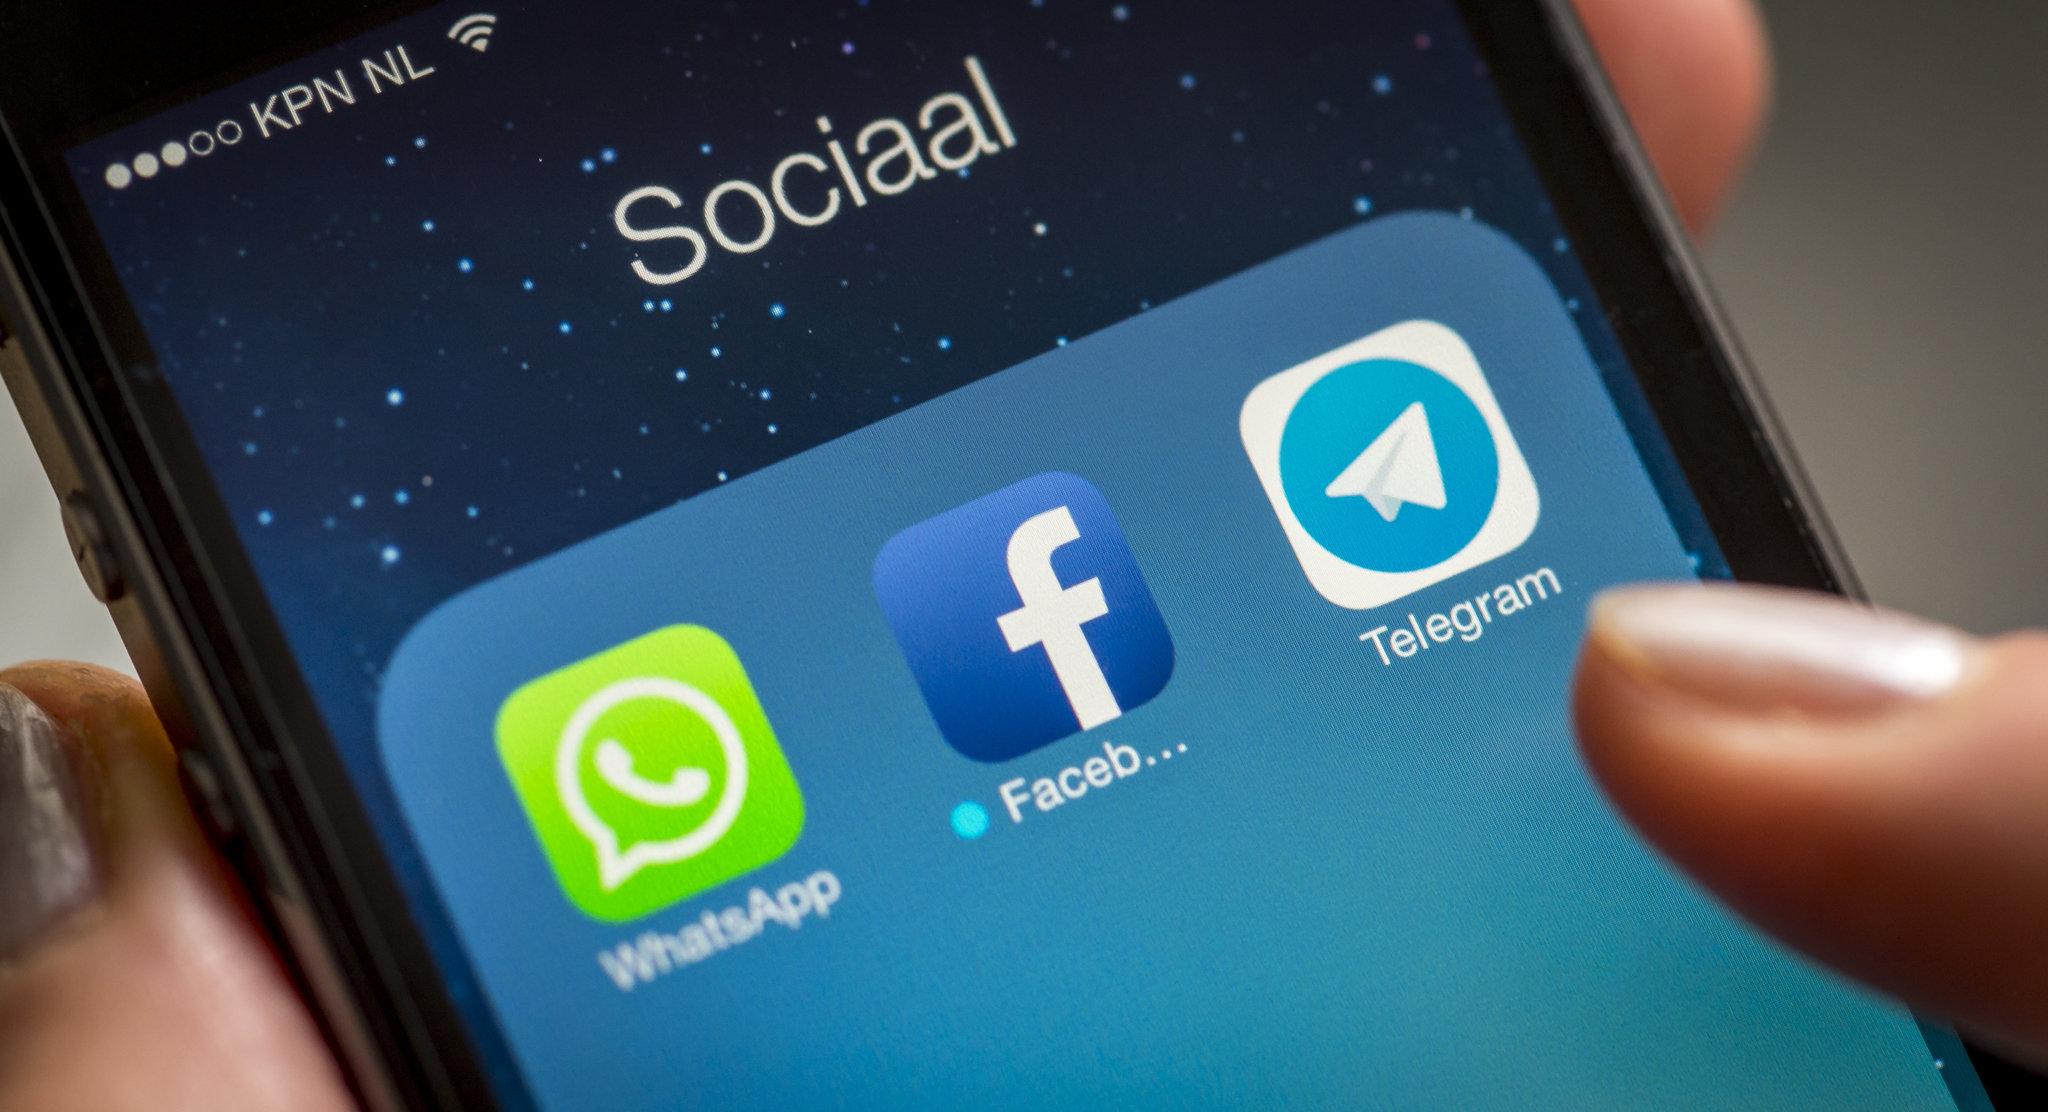 تاثیر عضویت درشبكه های اجتماعی(تلگرام) برعملكرد هنرمندان نقاش (بخش هفتم)